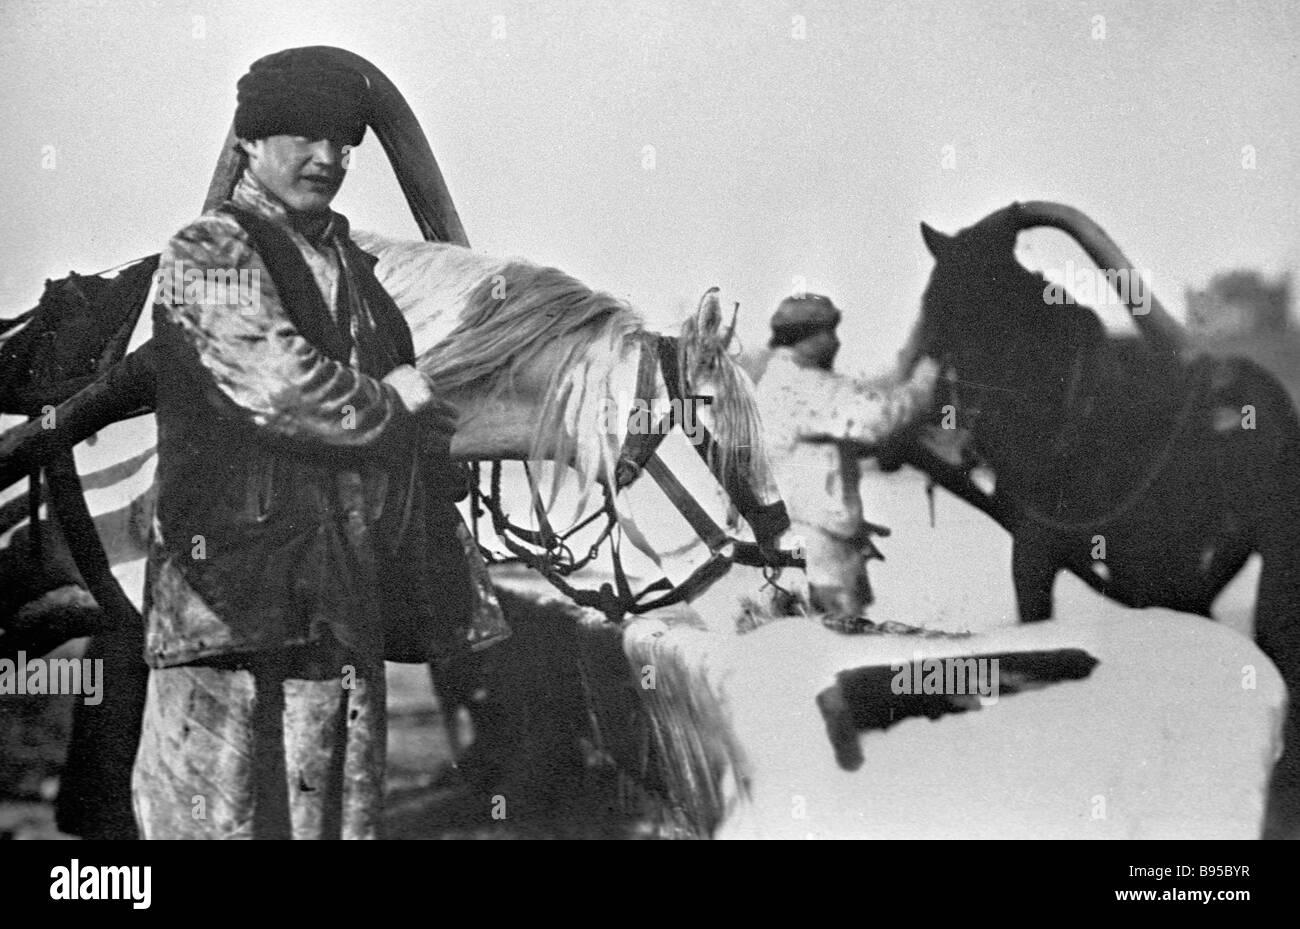 Carreteros de principios del siglo XX. Imagen De Stock